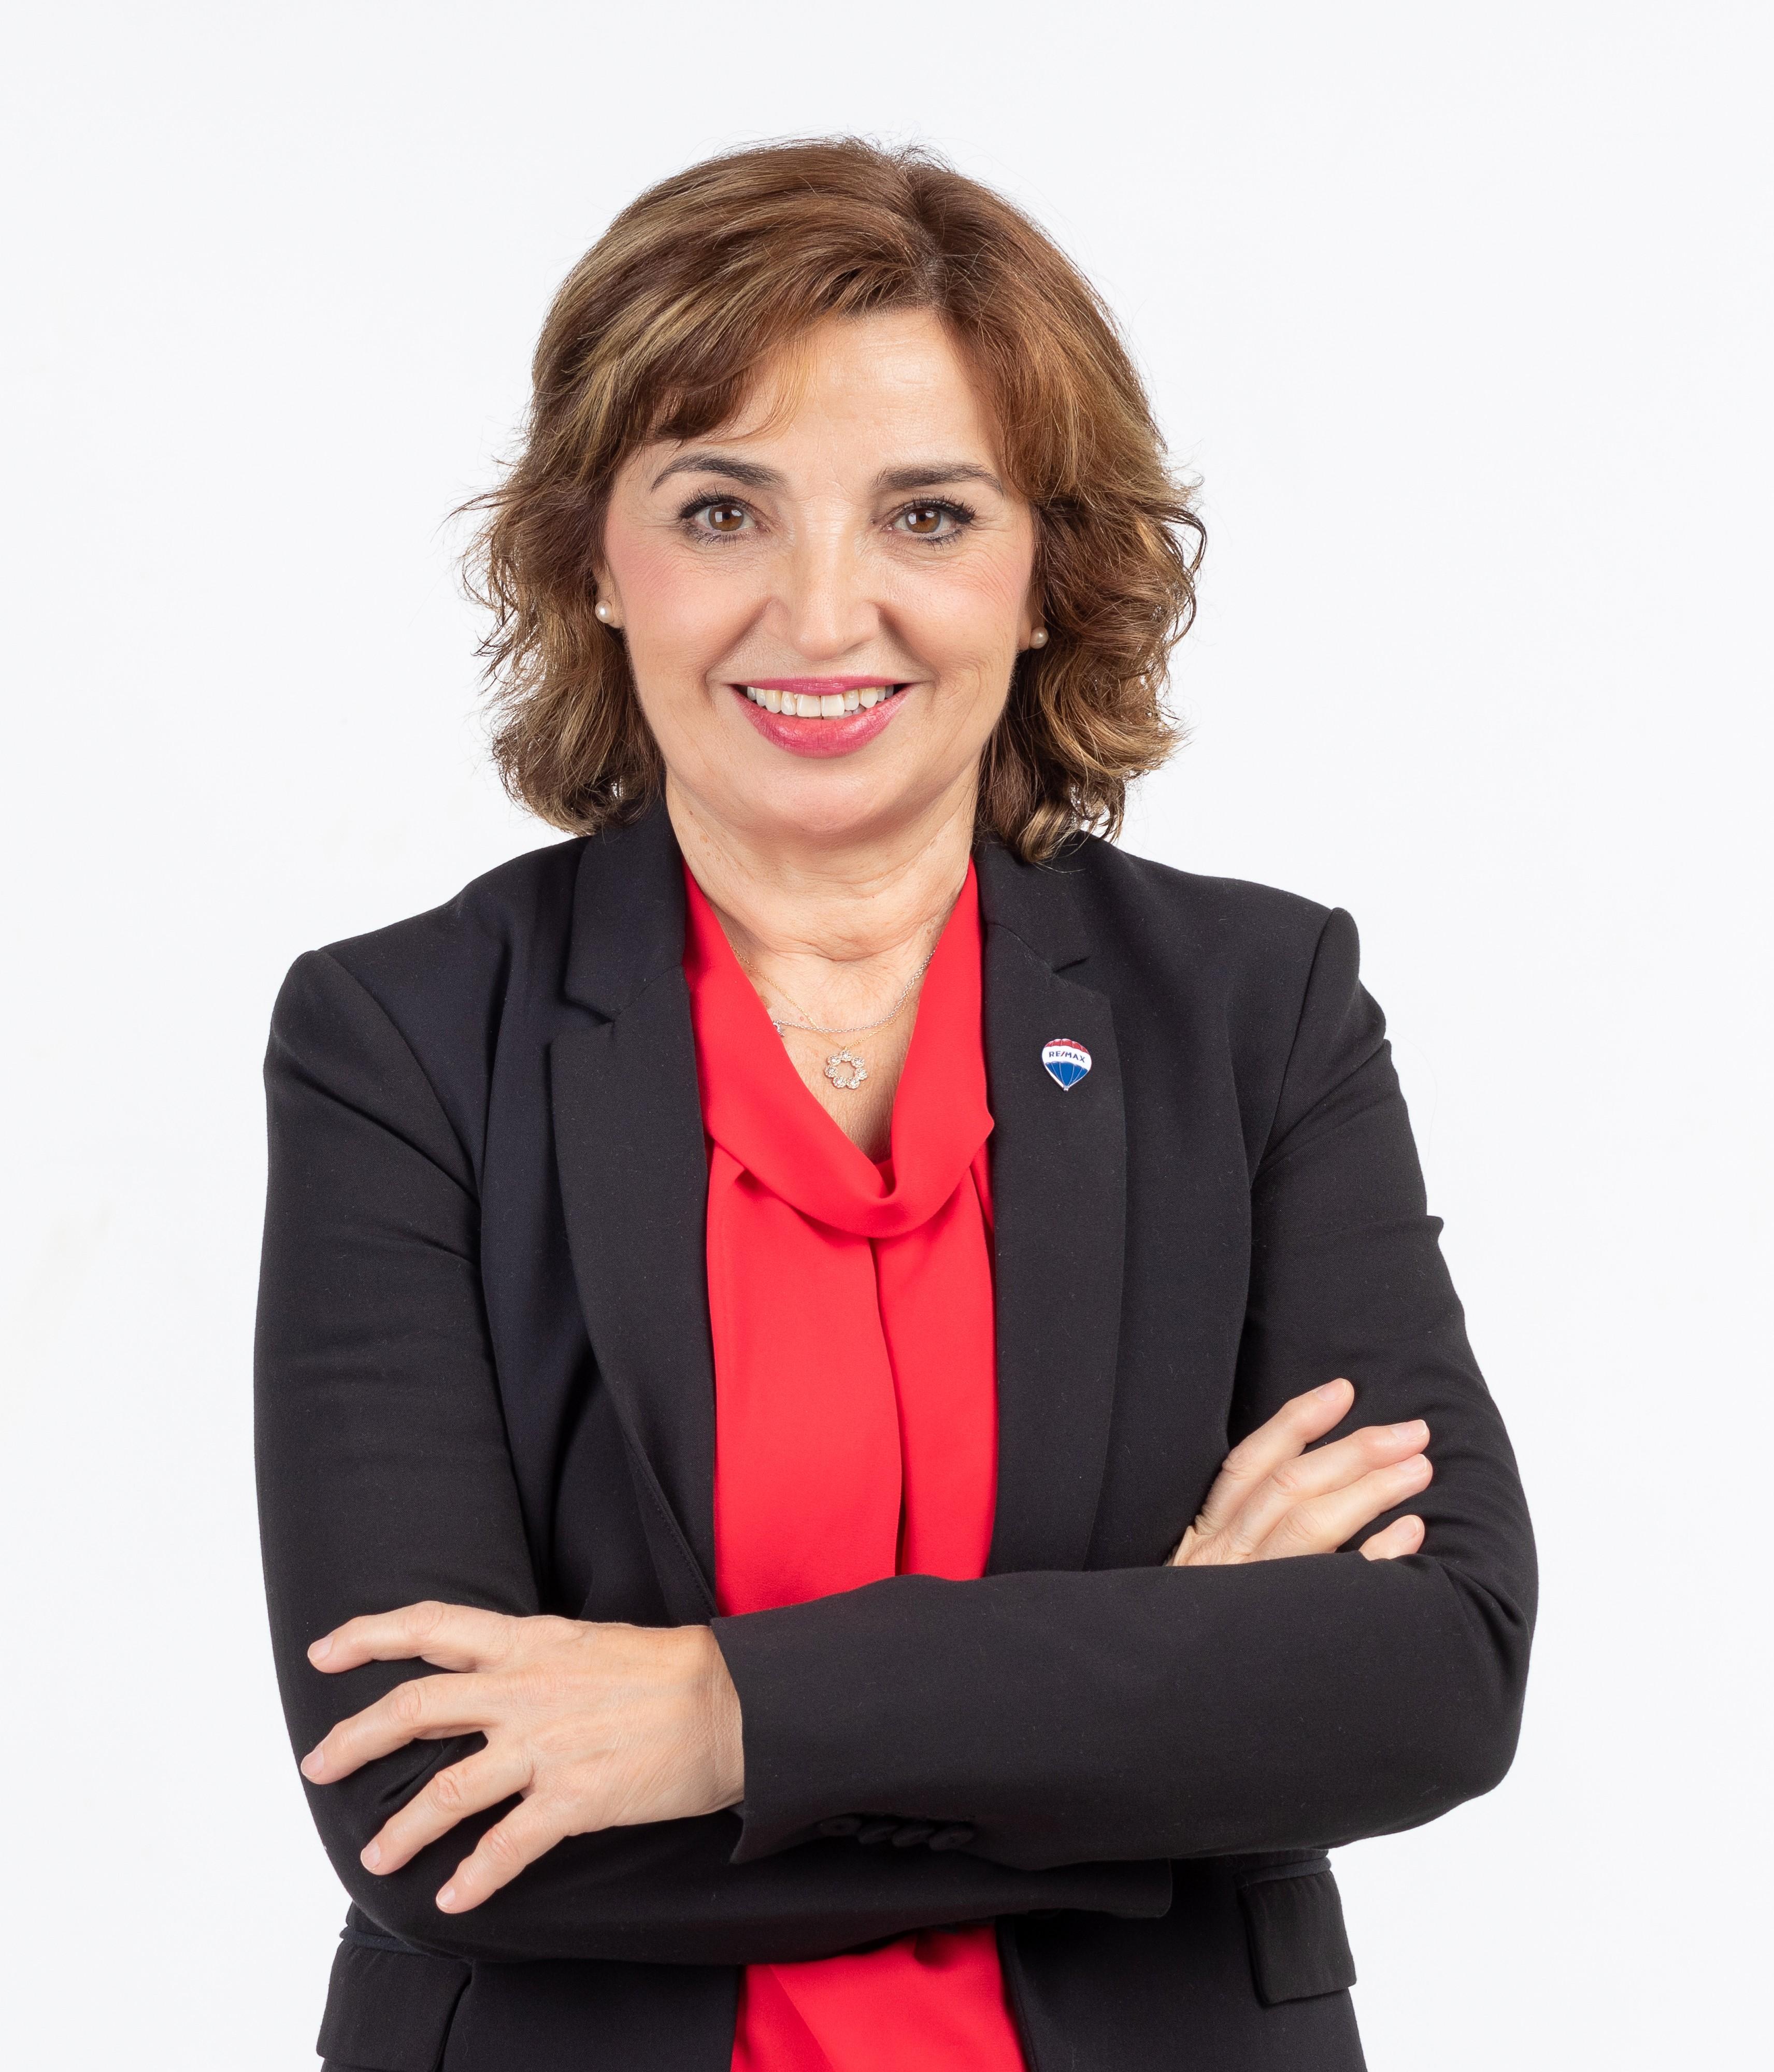 Mercedes Duque